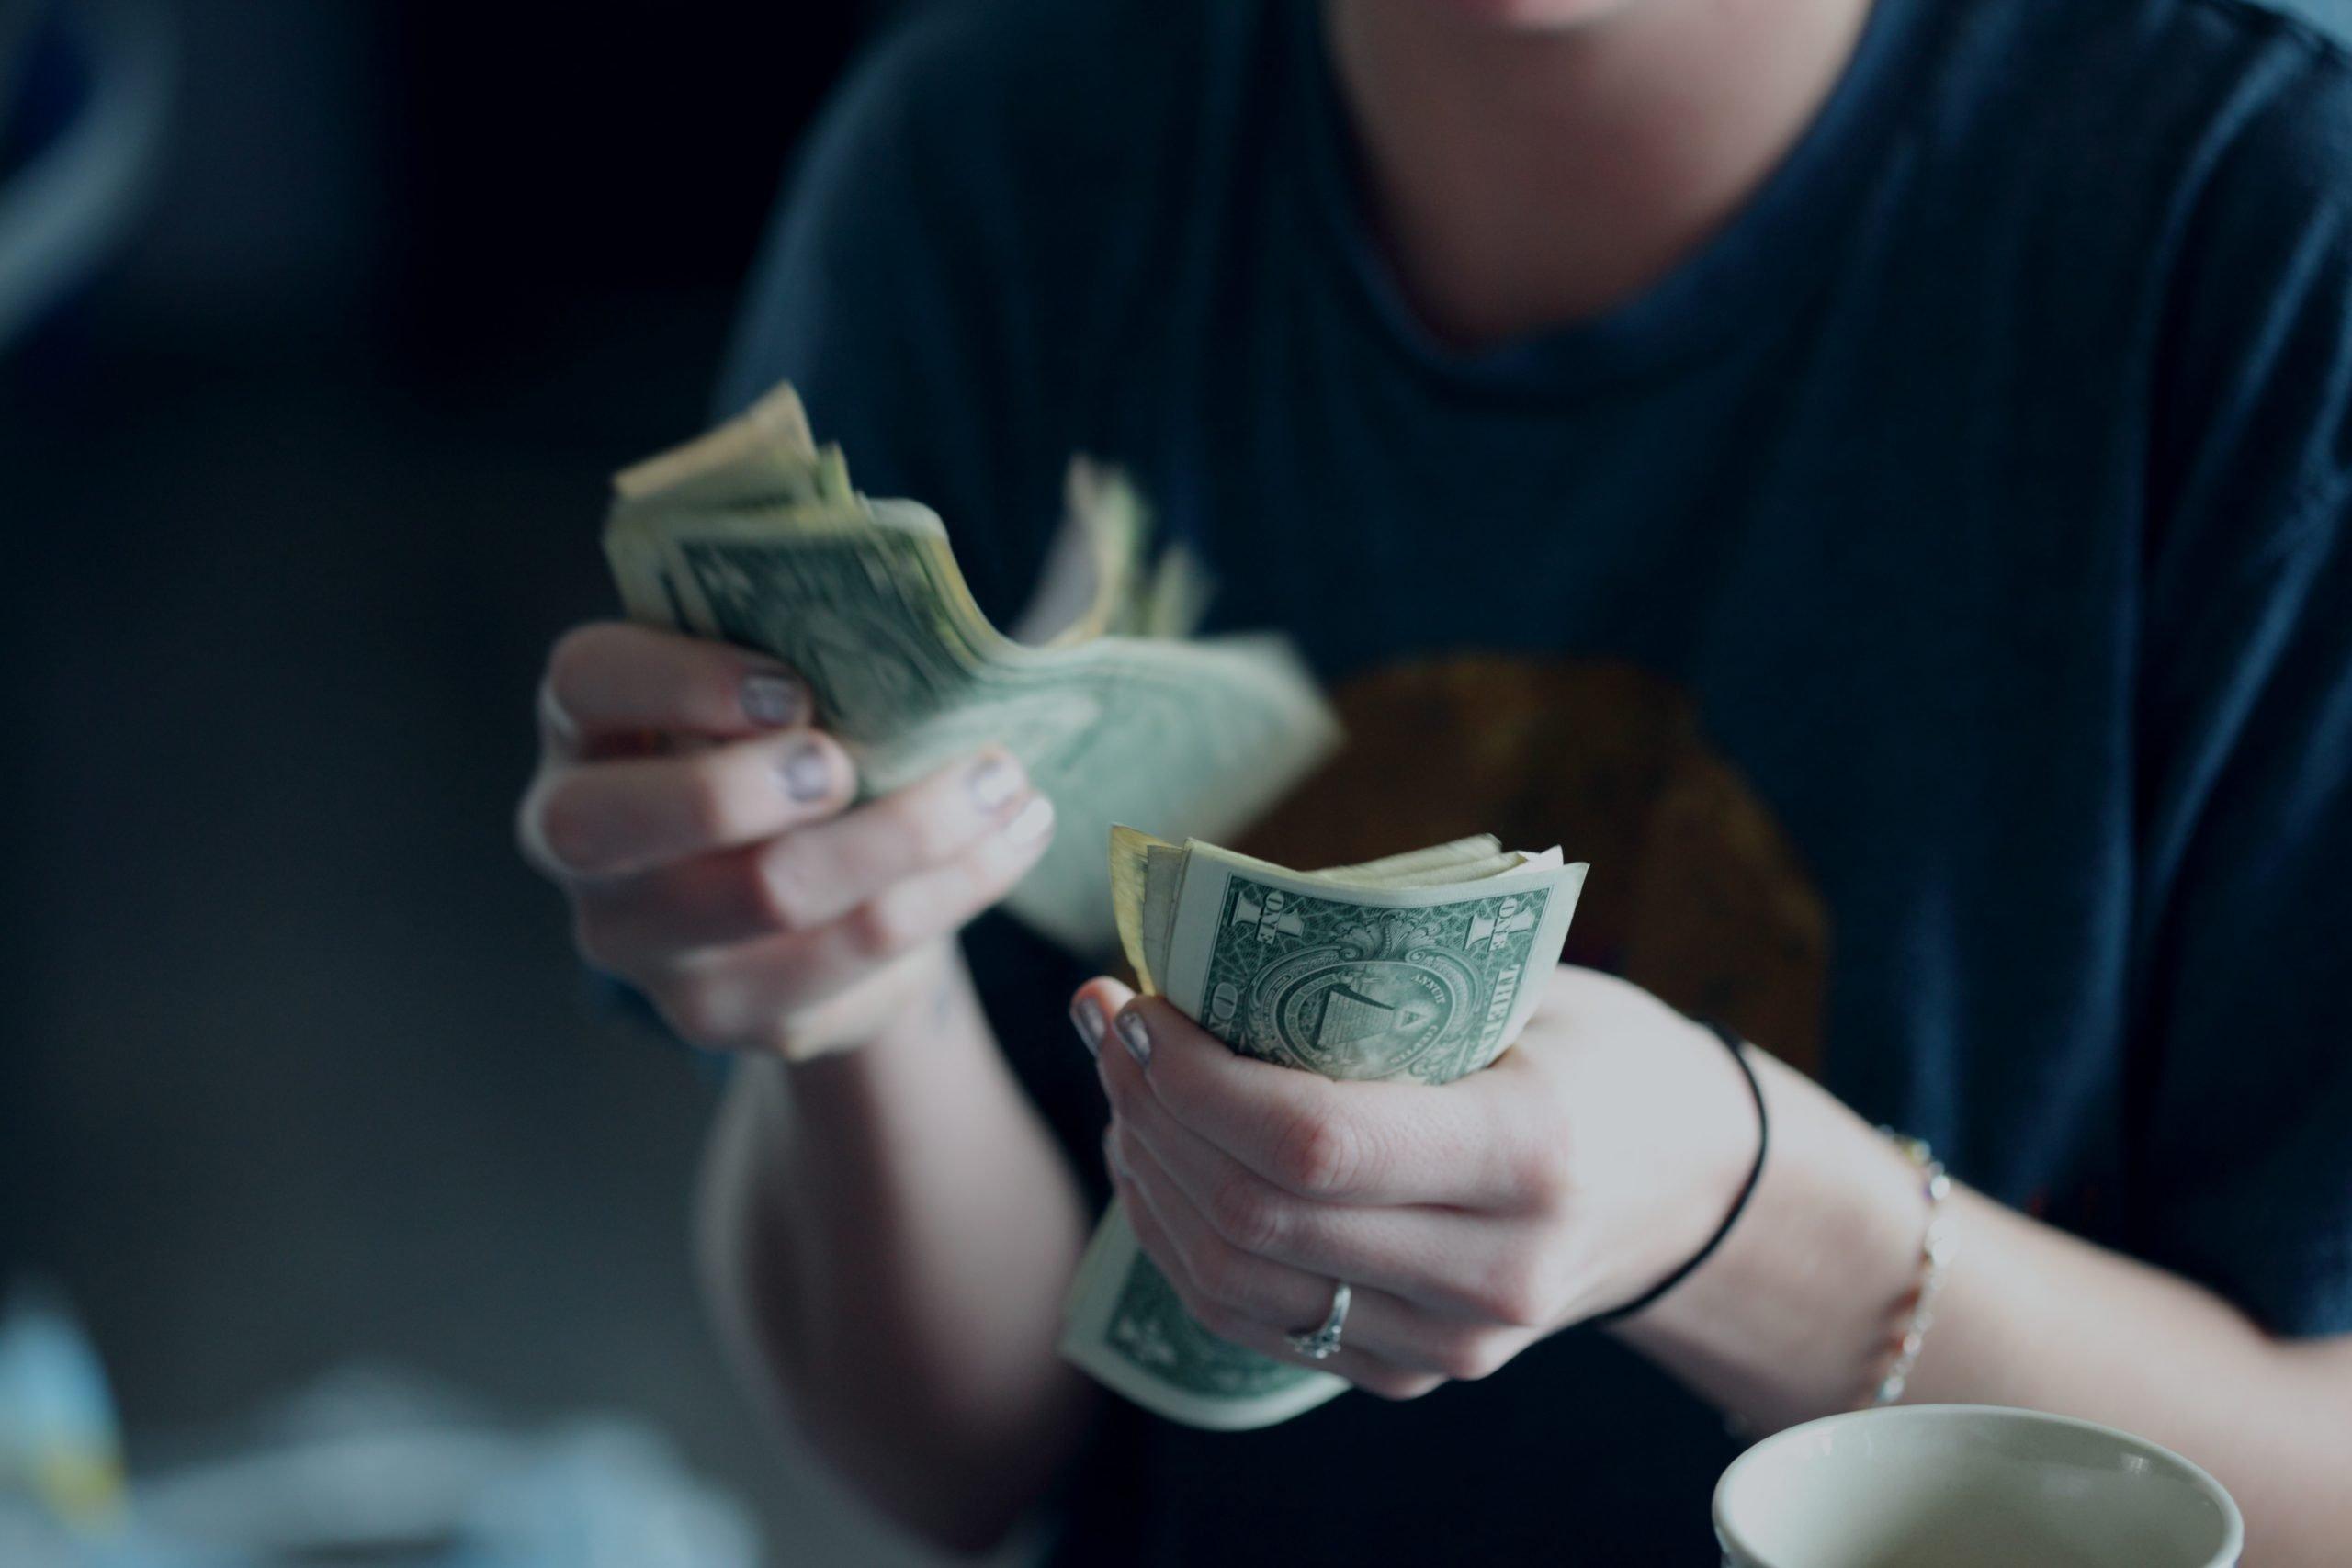 Come assegnare una ricompensa senza usare il denaro (e avere collaboratori motivati).